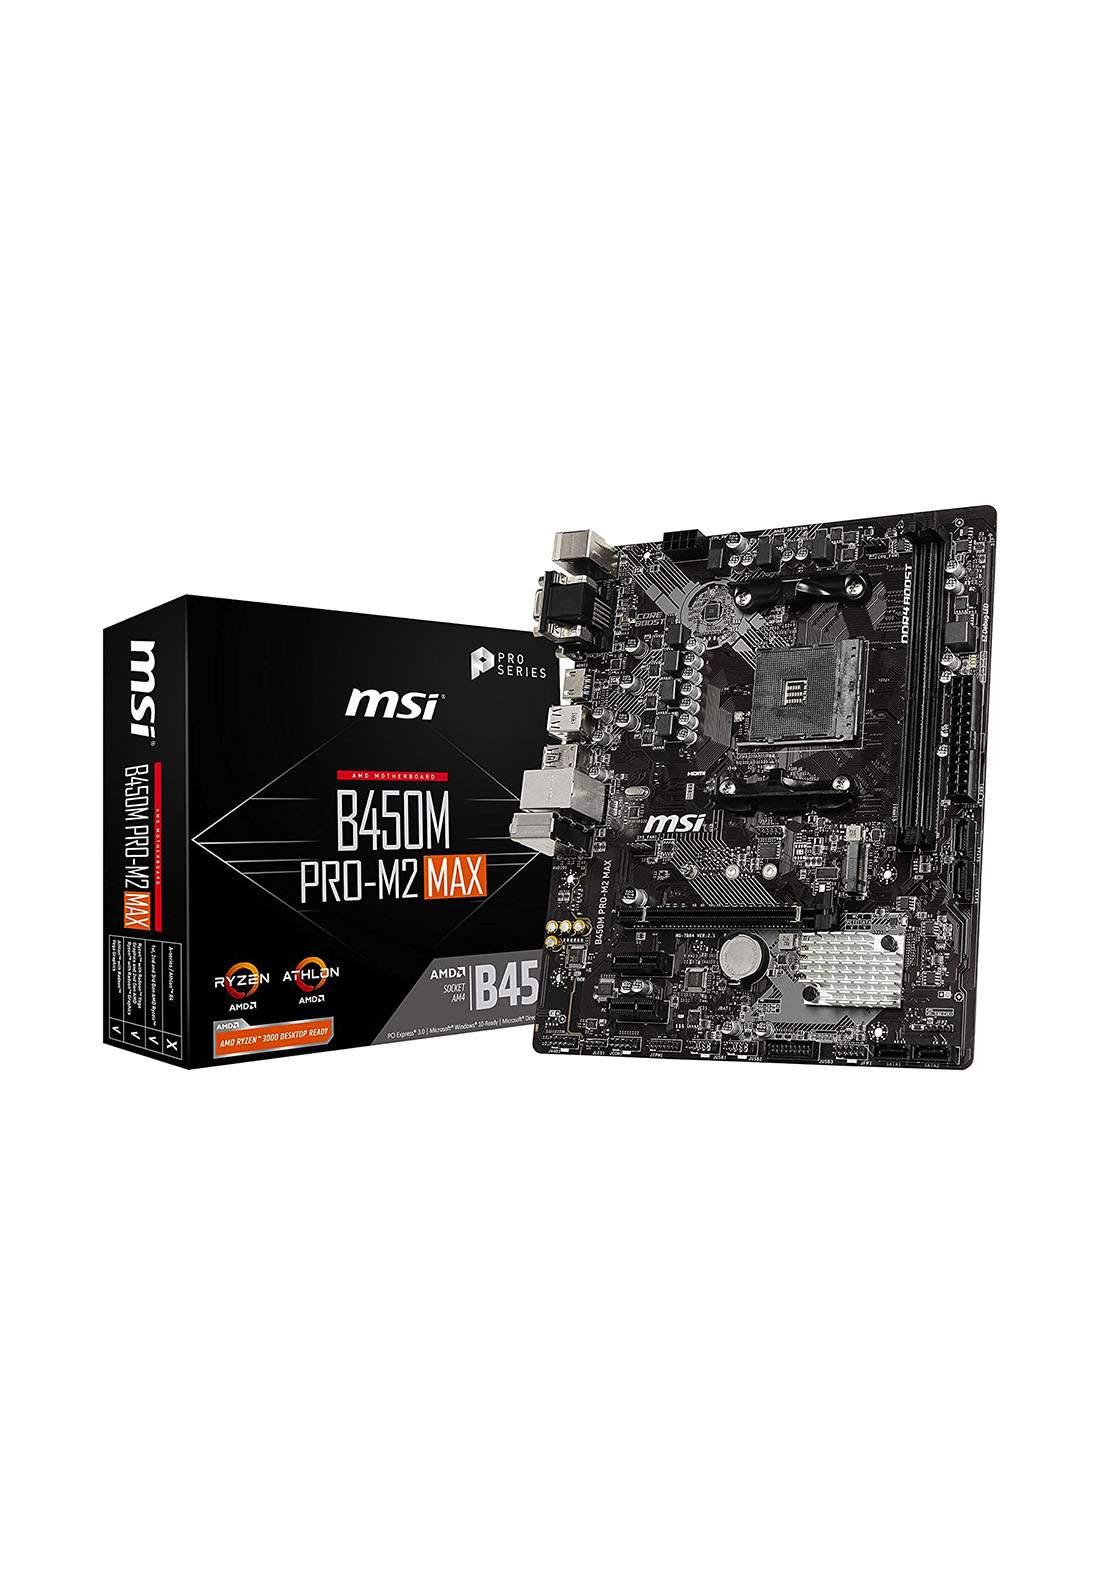 Msi B450M PRO M2 Max Proseries Amd Ryzen 1st And 2ND USB 3 DVI Micro- Motherboard Atx لوحة الام